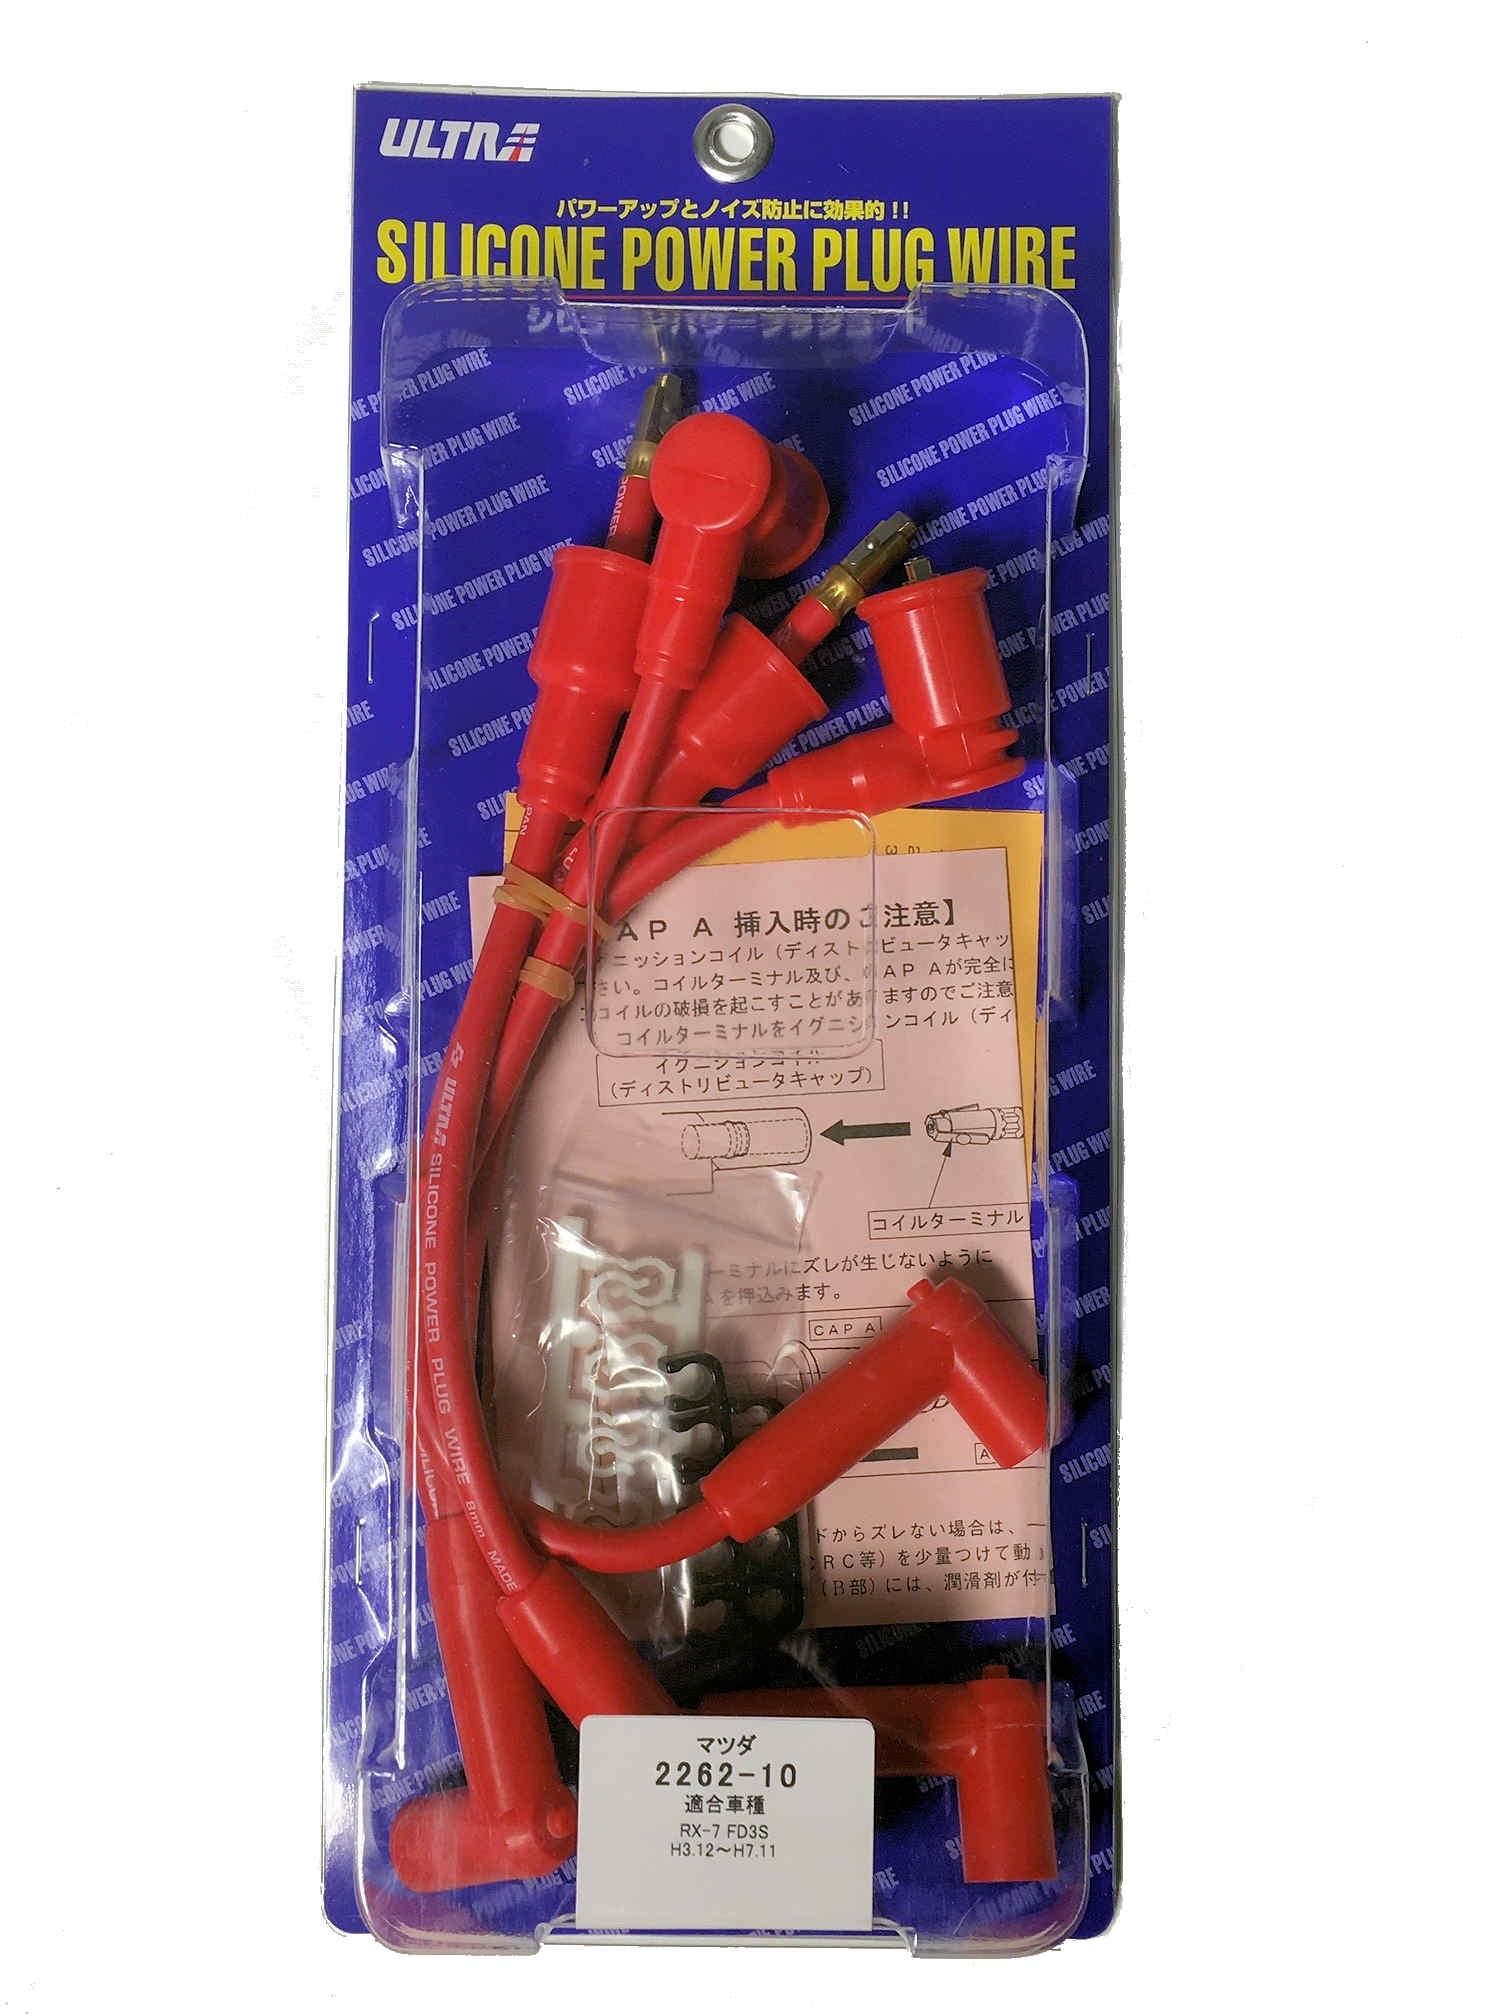 ULTRA * JAPAN * SPARK PLUG LEAD 7 mm SET RX7 FD3S -95 11 SERIES 6